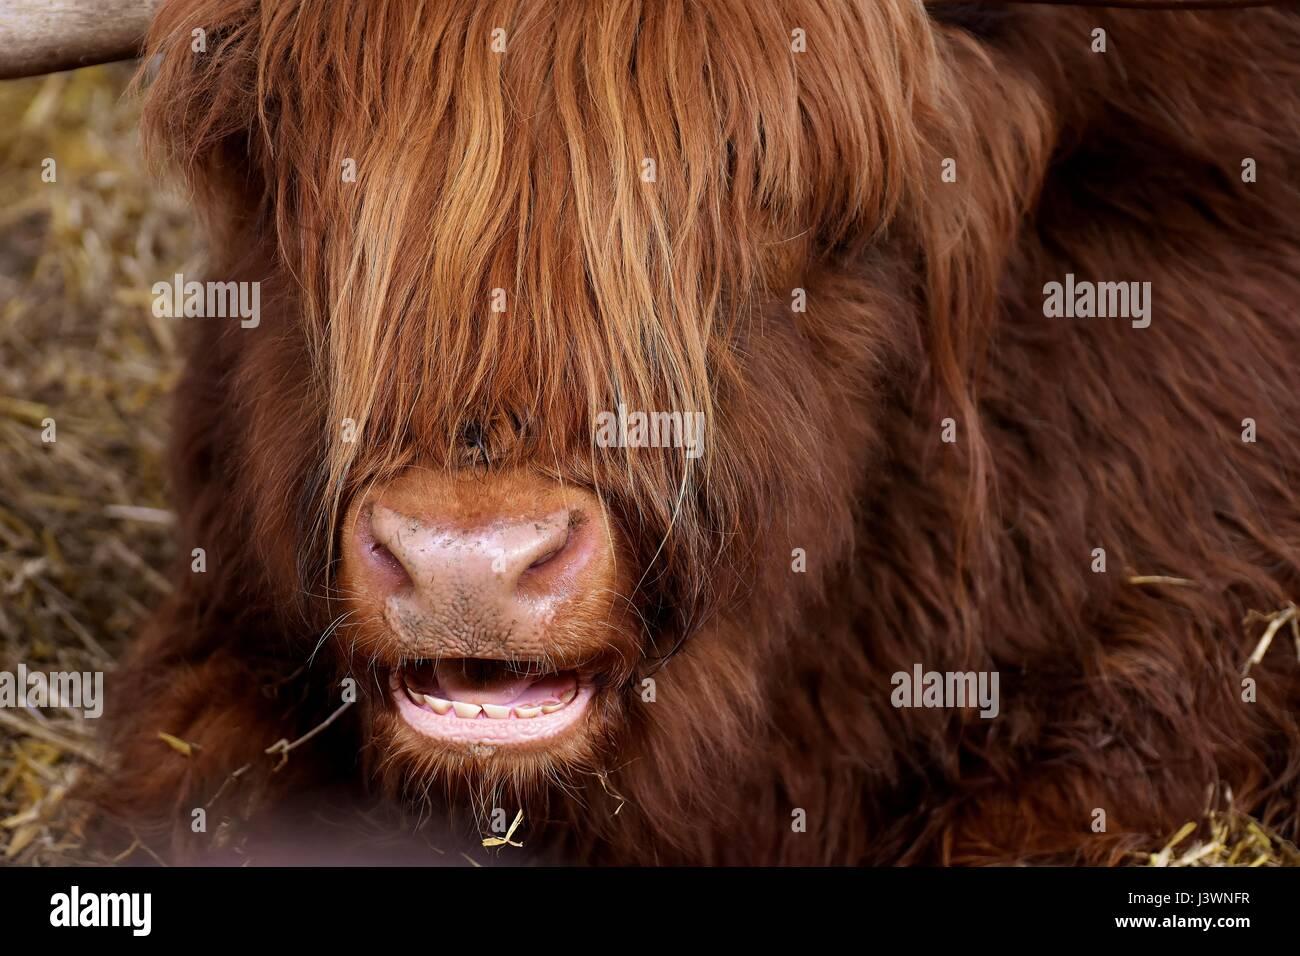 Vaca marrón Foto de stock